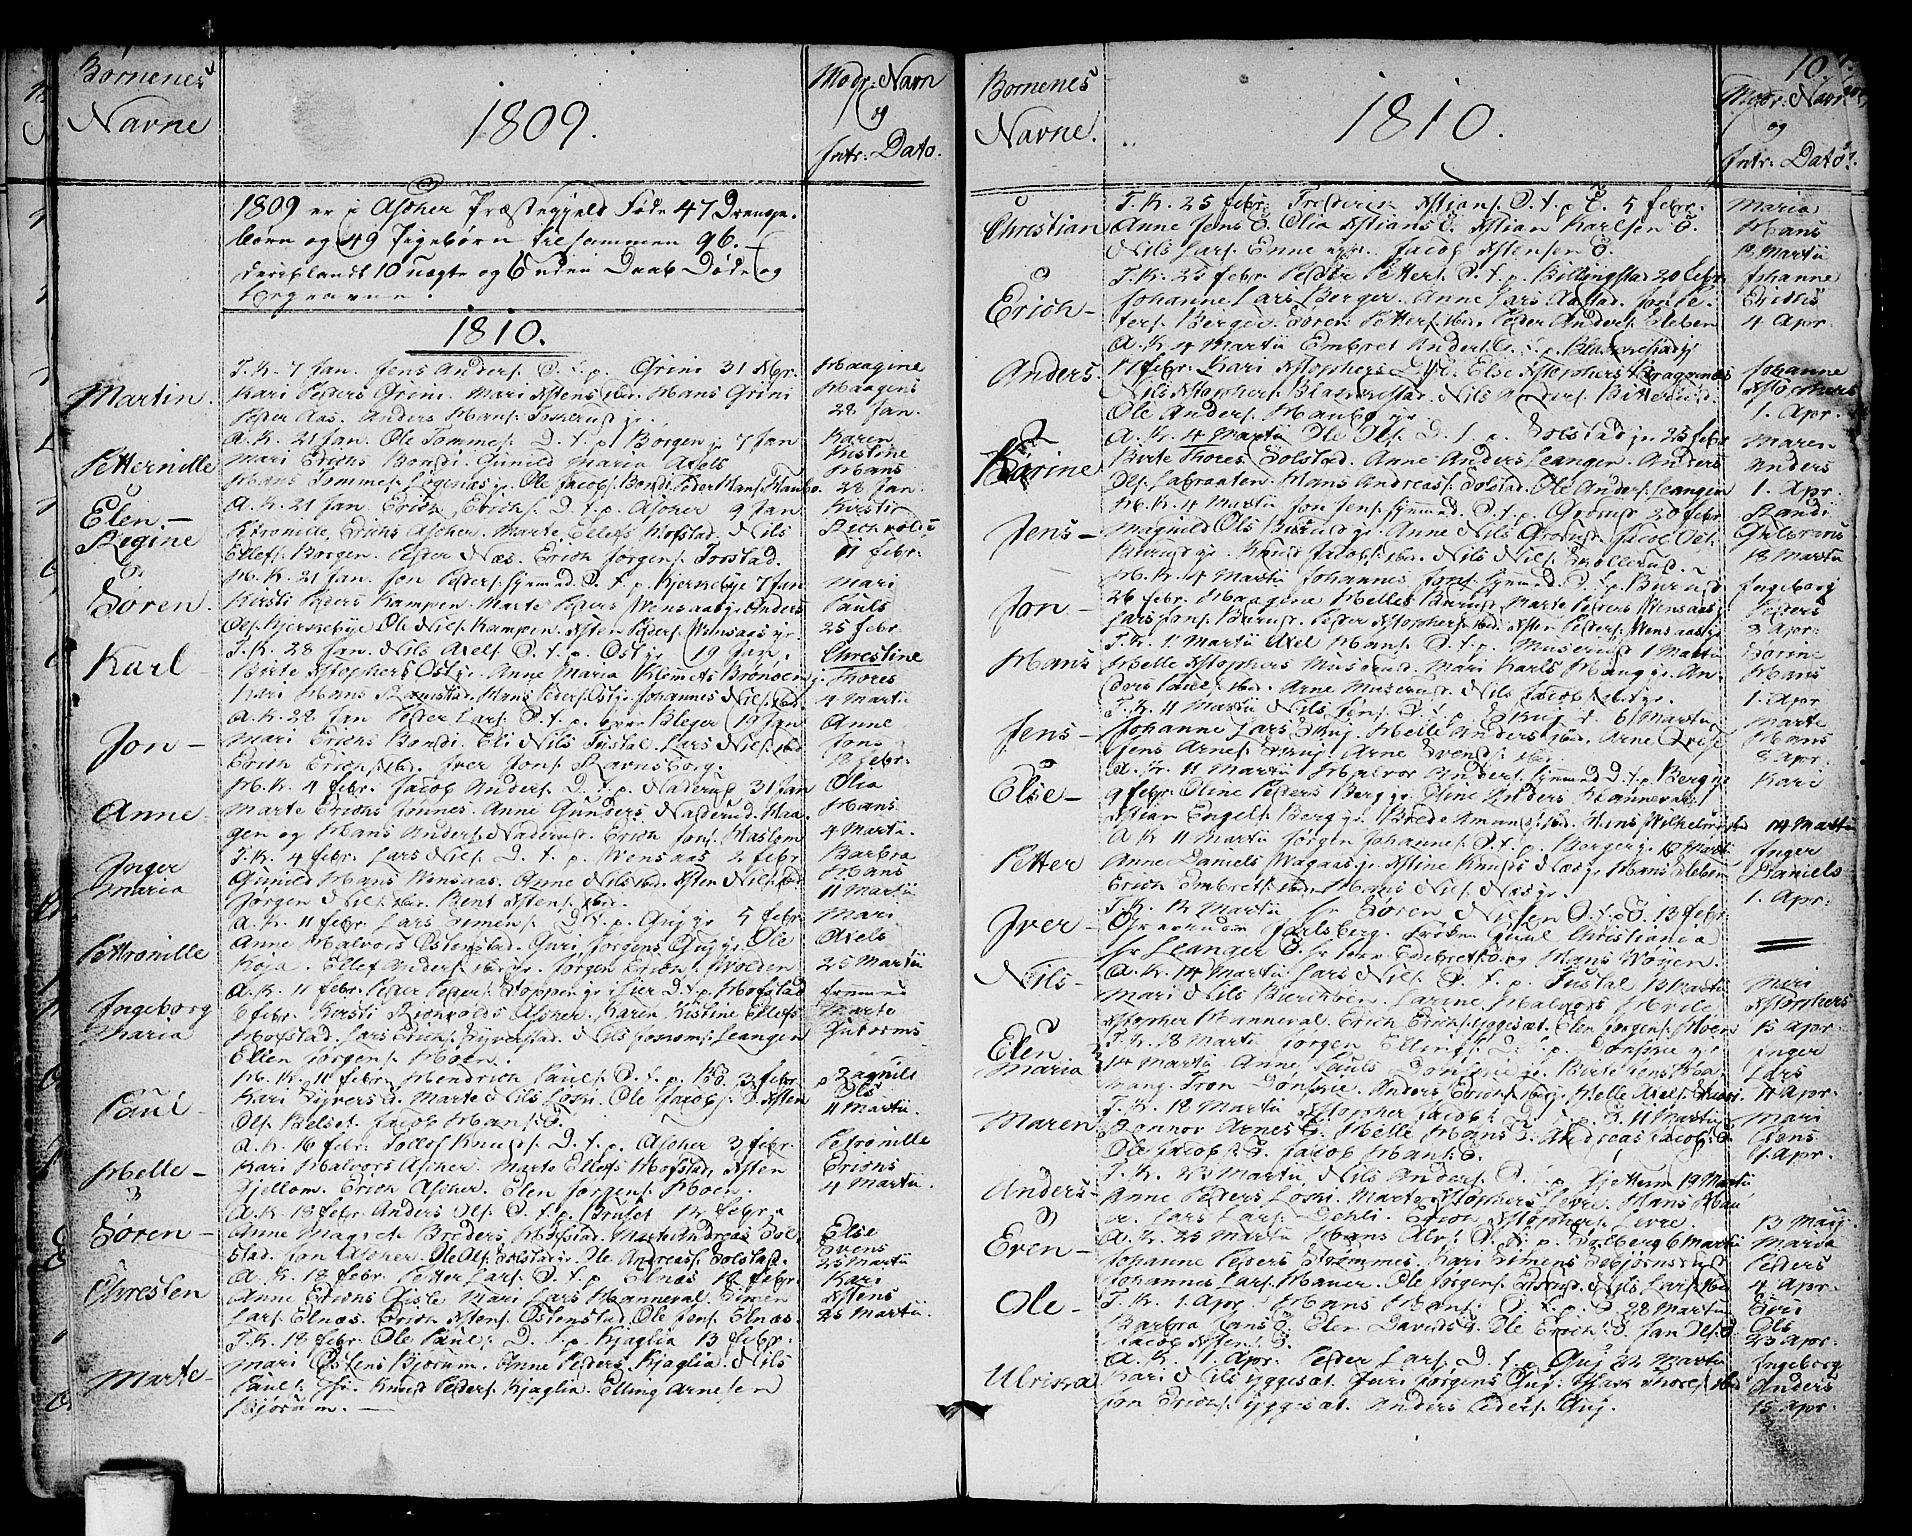 SAO, Asker prestekontor Kirkebøker, F/Fa/L0005: Ministerialbok nr. I 5, 1807-1813, s. 10